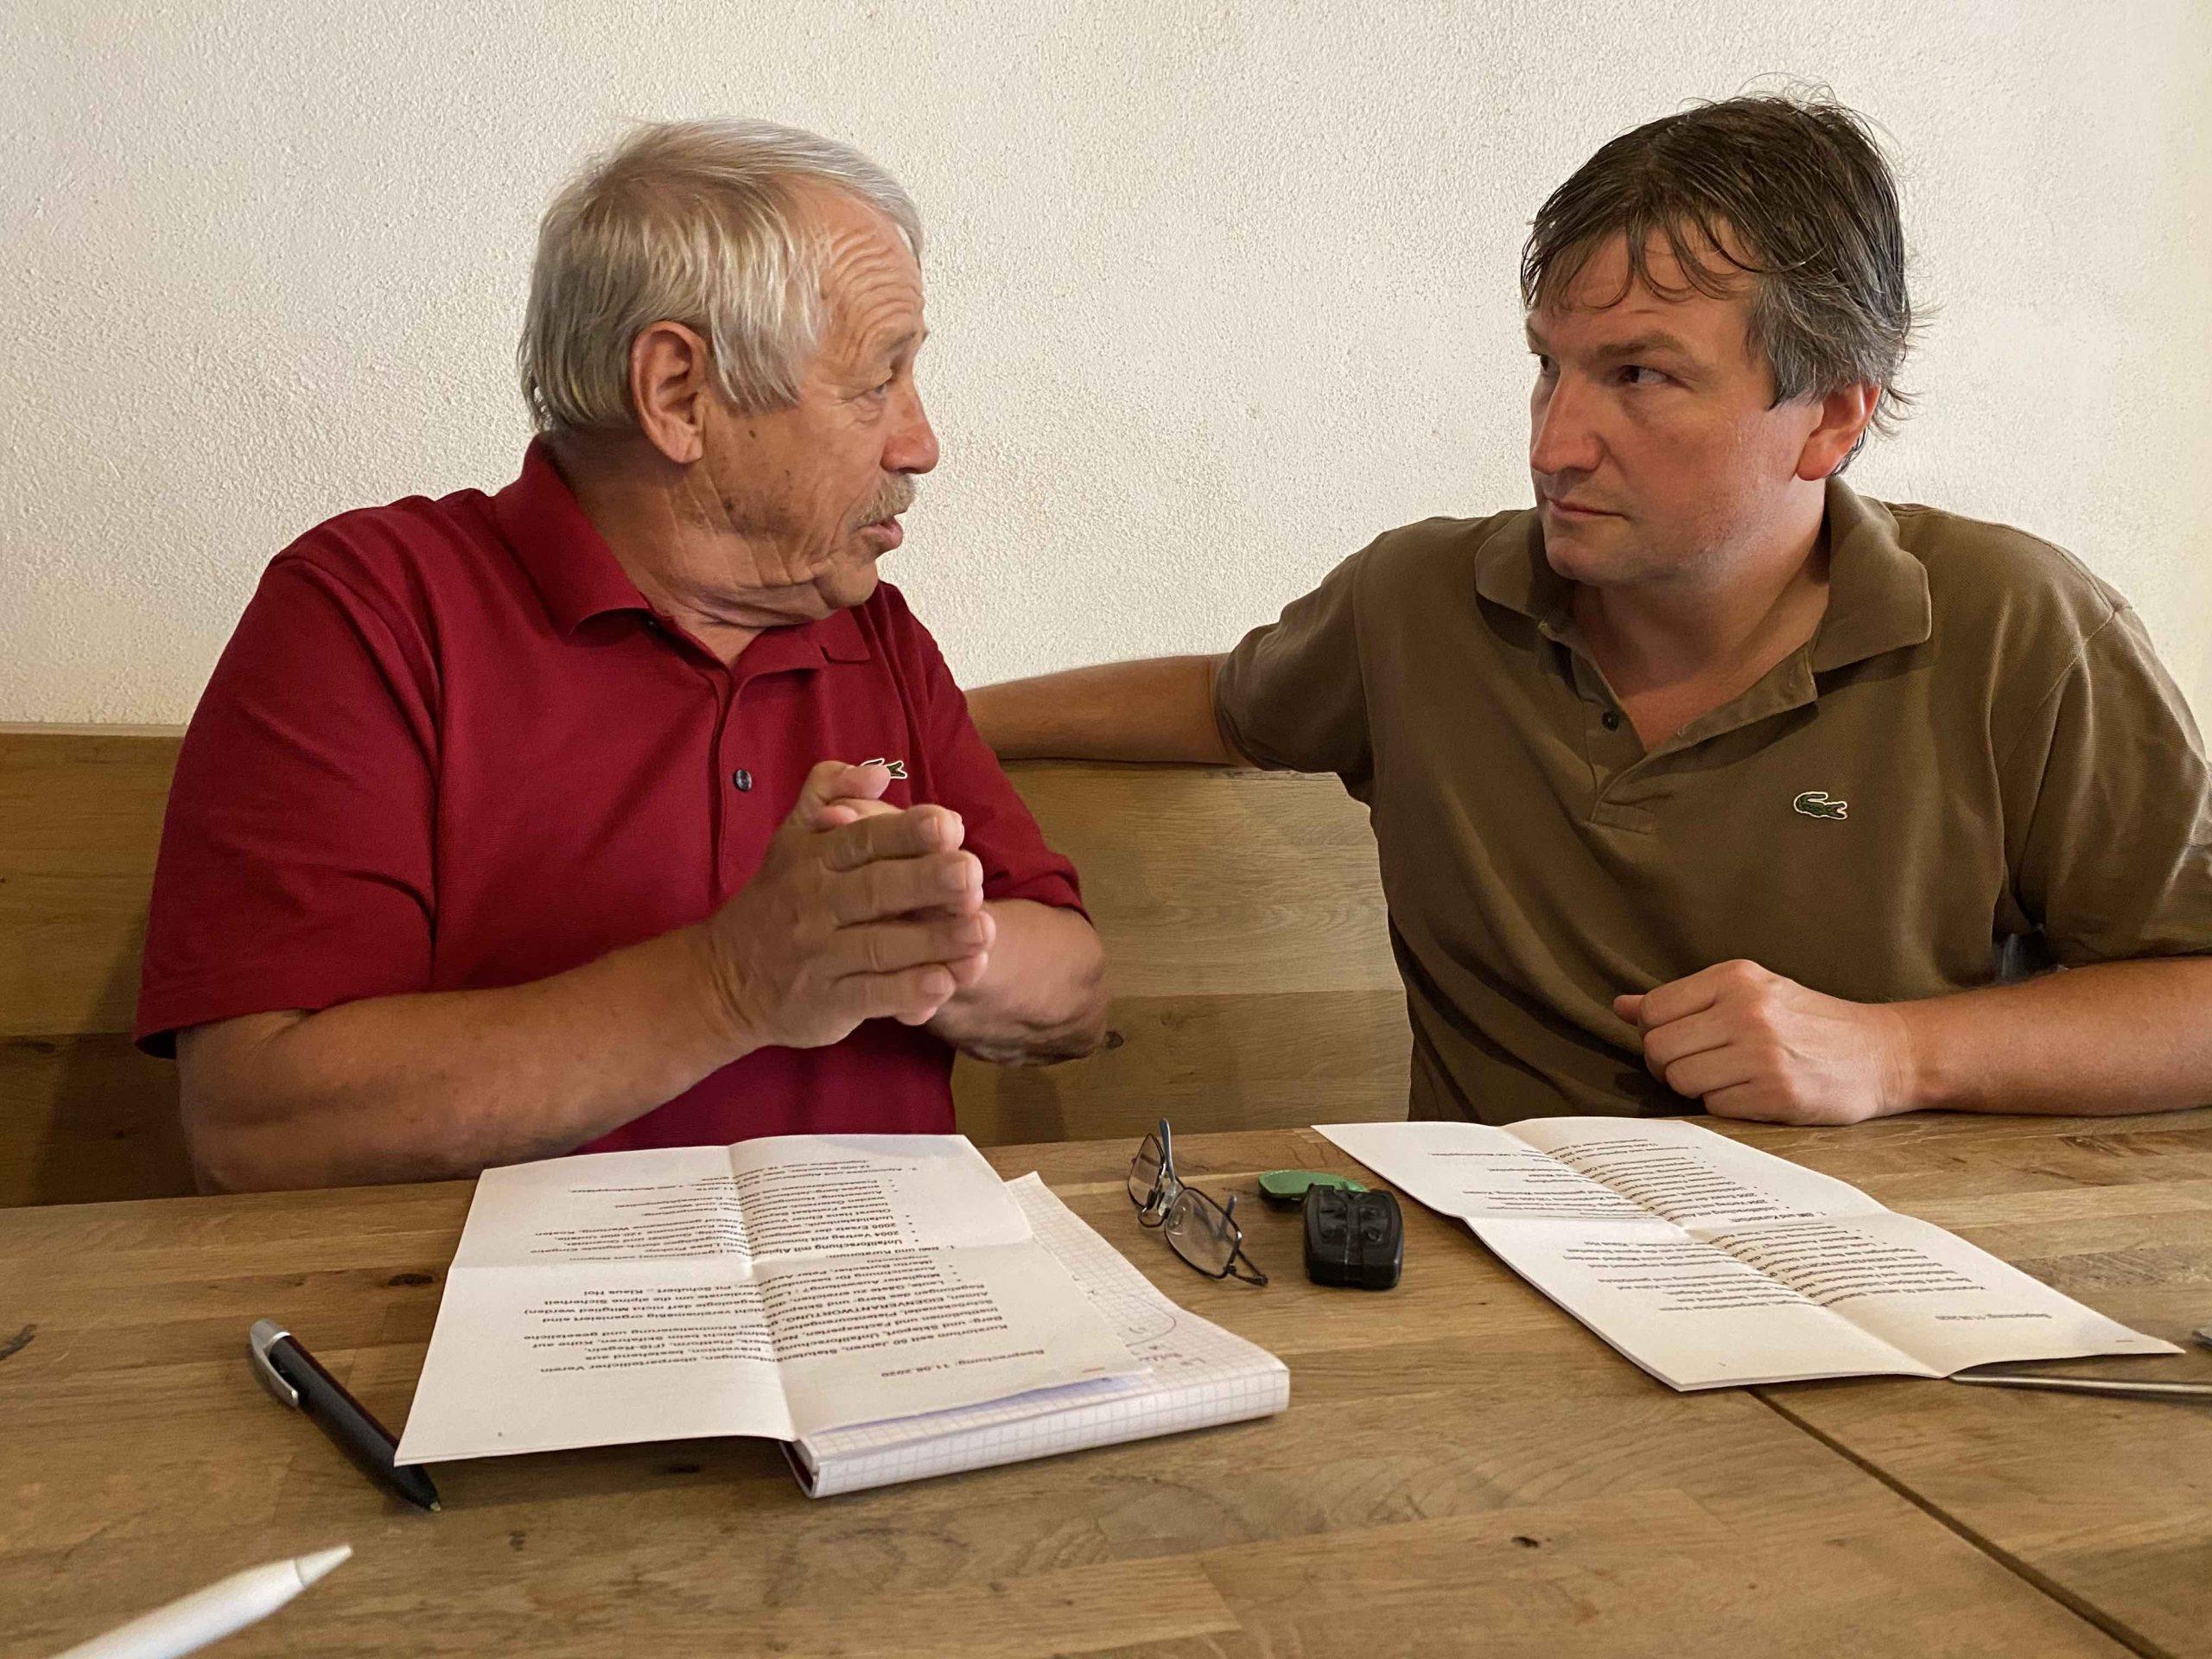 bergundsteigen im Gespräch mit Karl Gabl und Peter Paal, @argonaut.pro